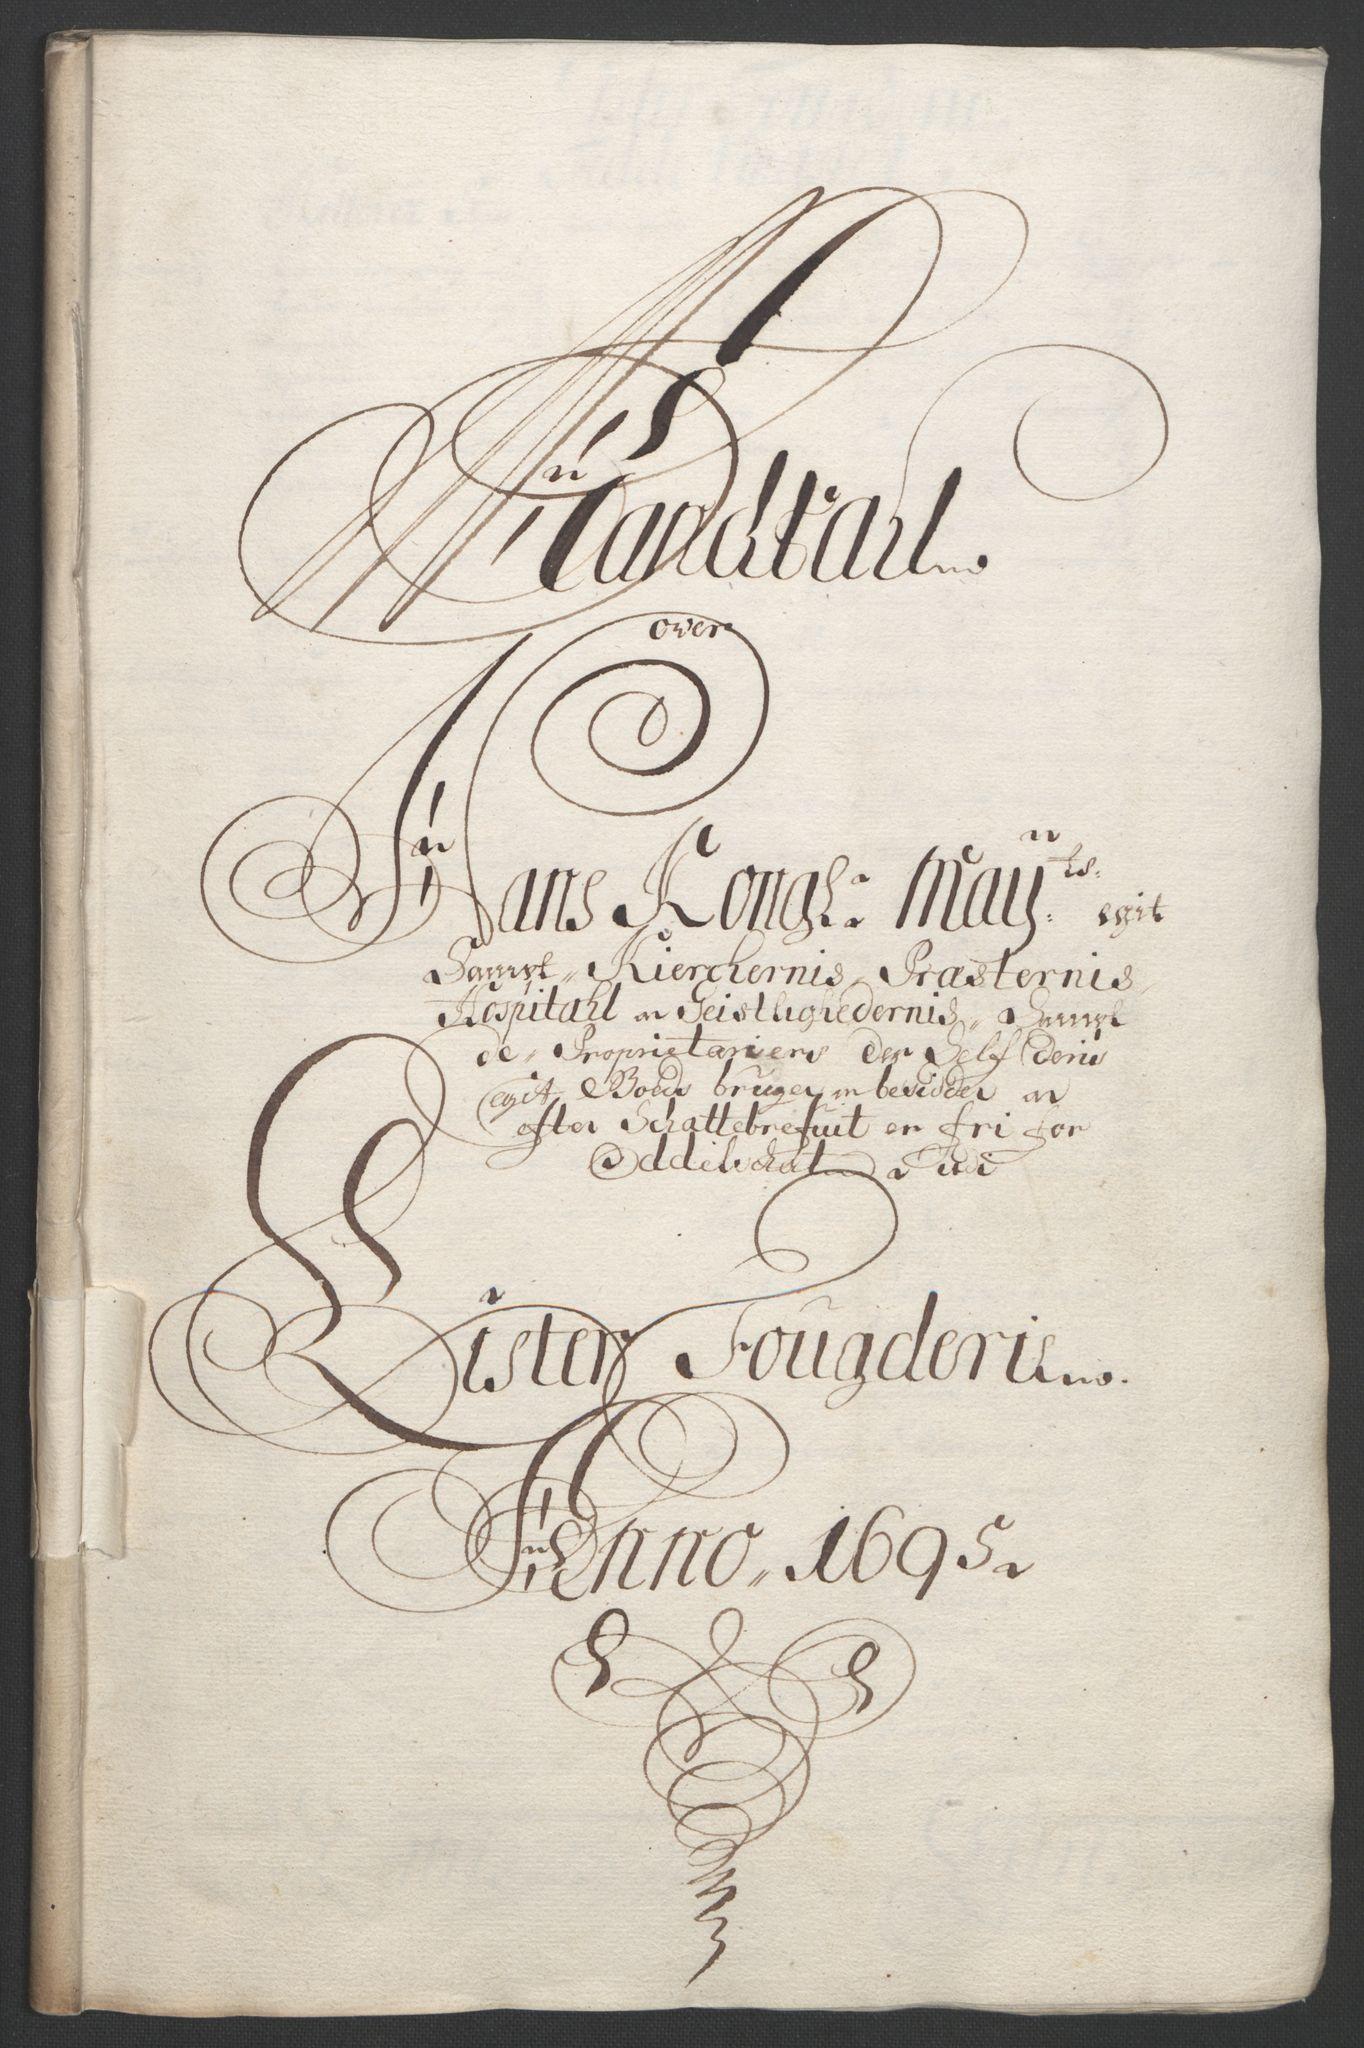 RA, Rentekammeret inntil 1814, Reviderte regnskaper, Fogderegnskap, R43/L2545: Fogderegnskap Lista og Mandal, 1694-1695, s. 274